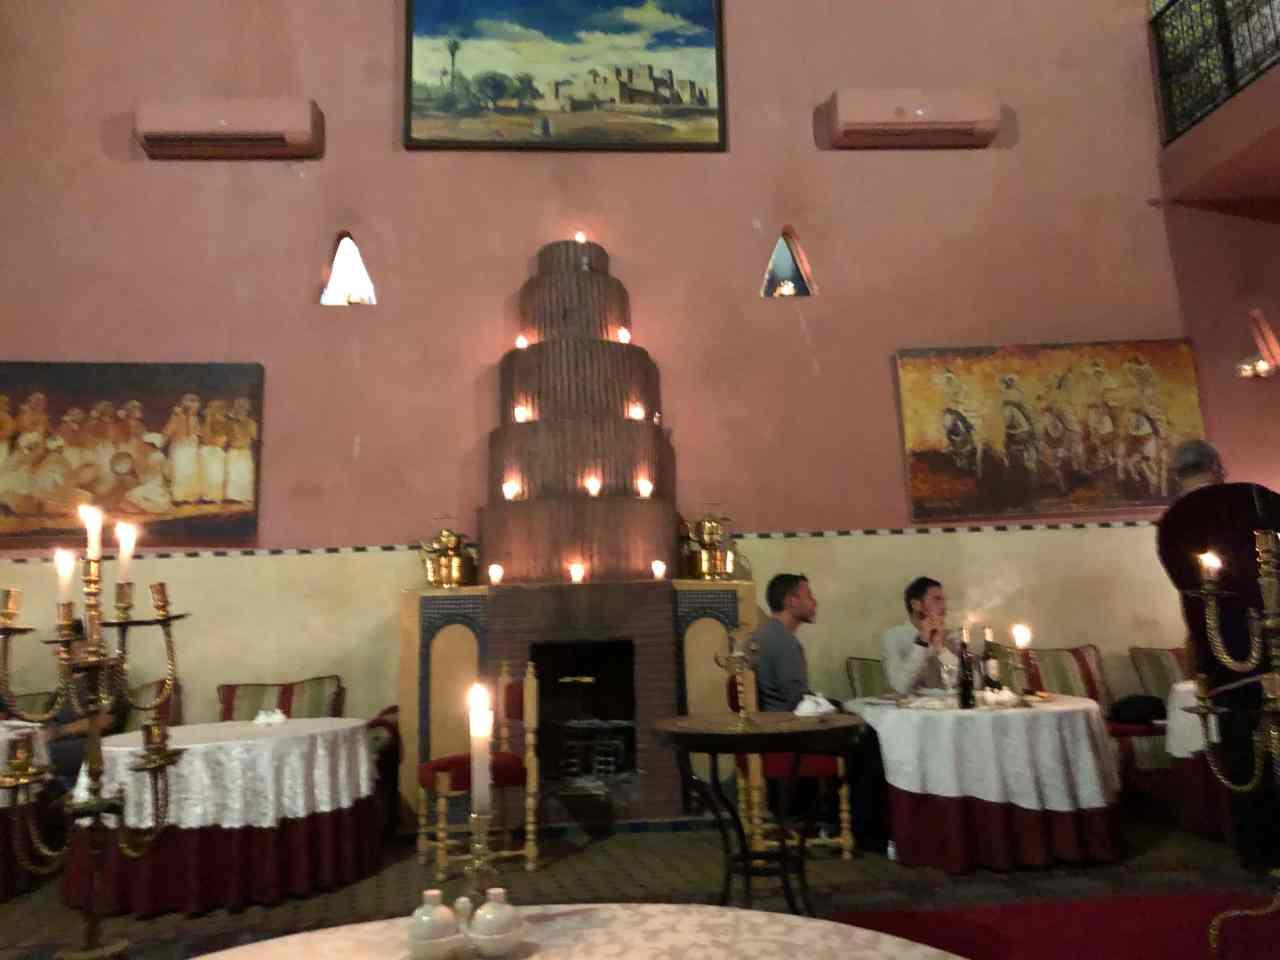 An entertainment restaurant in Marrakech